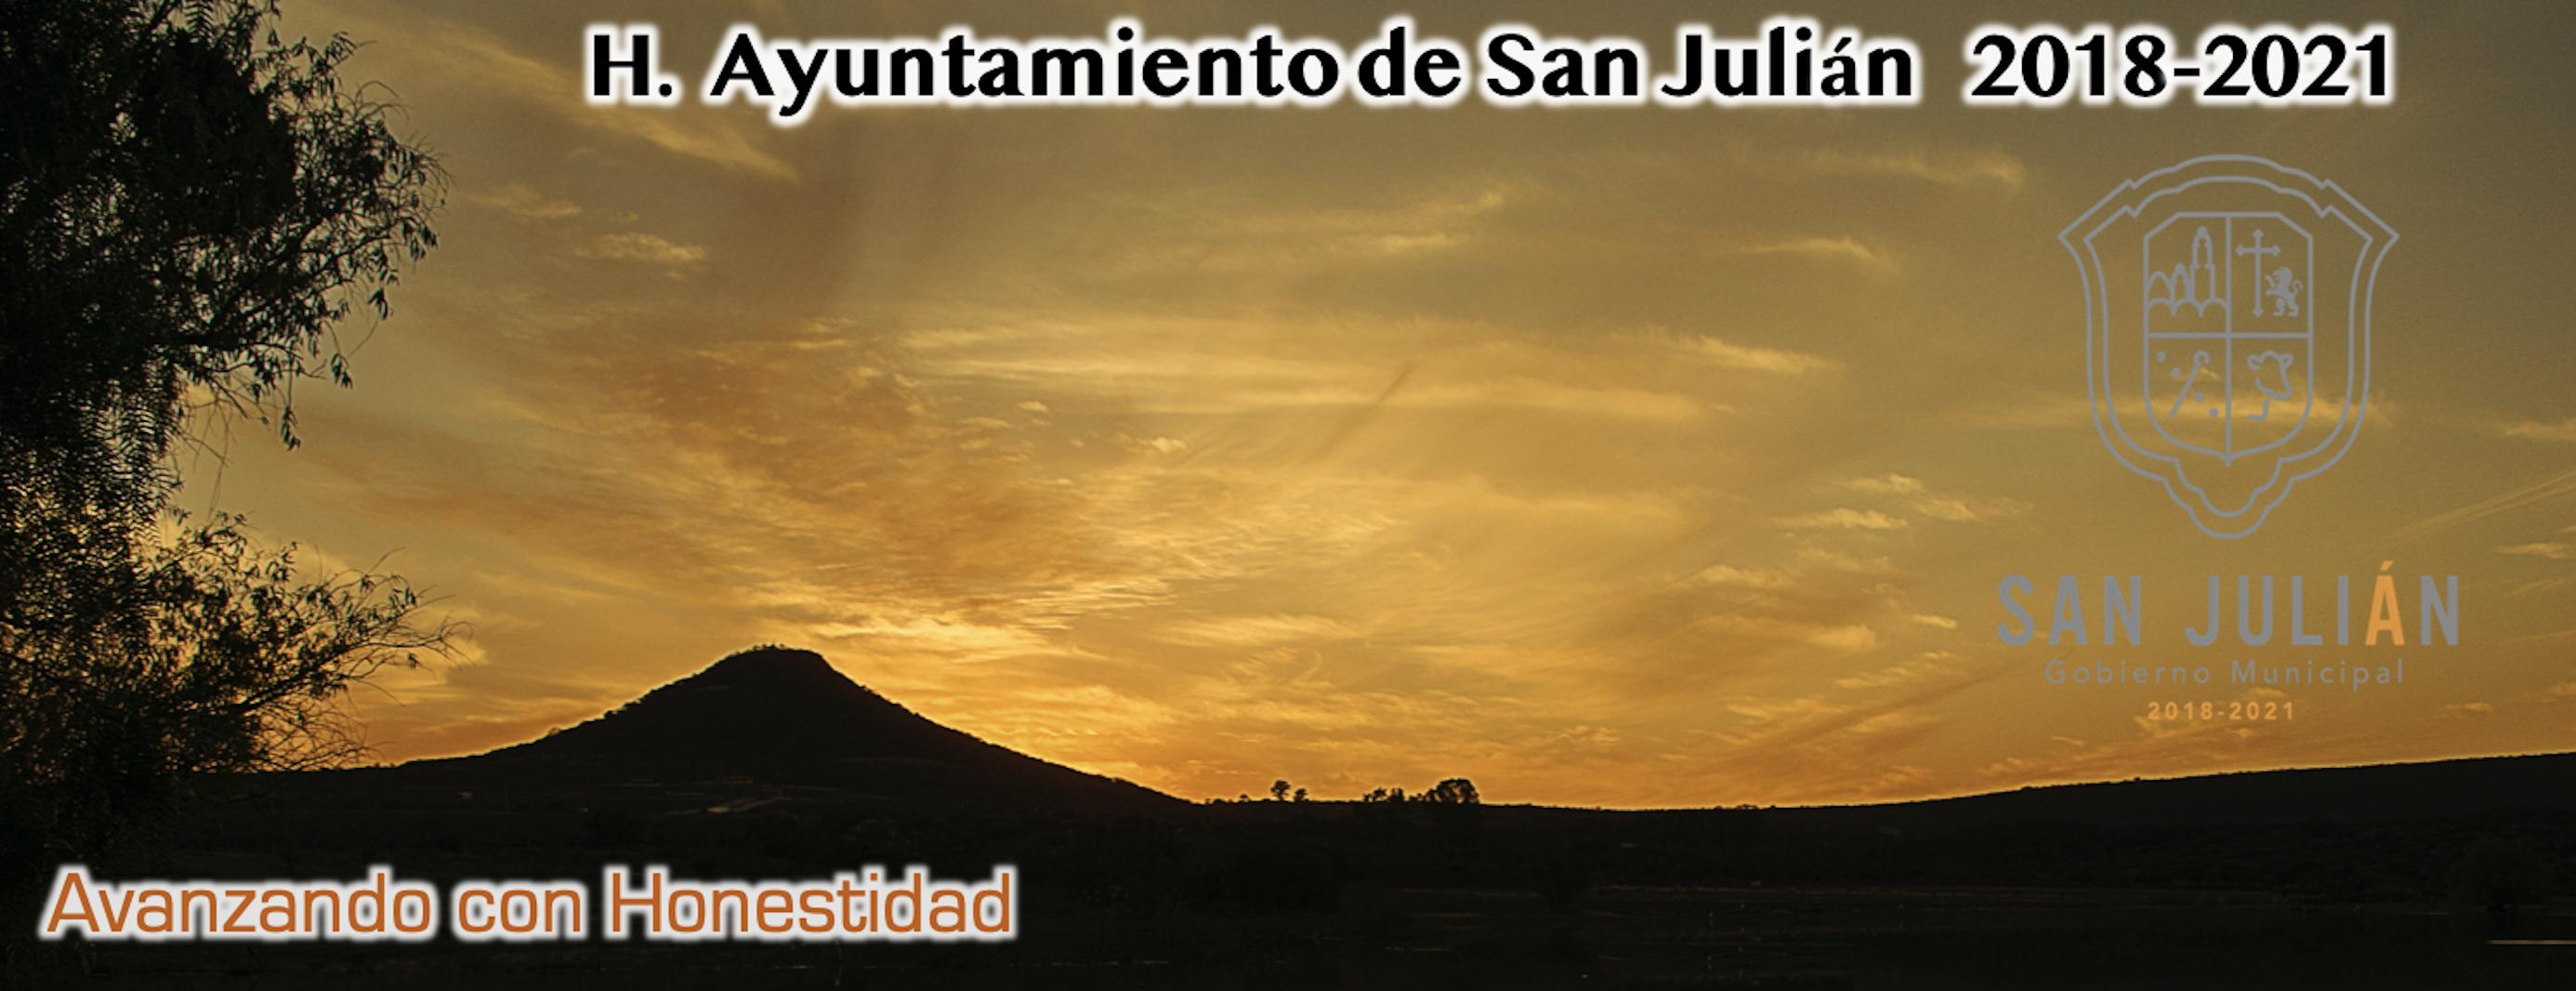 H. Ayuntamiento de San Julián 2018-2021